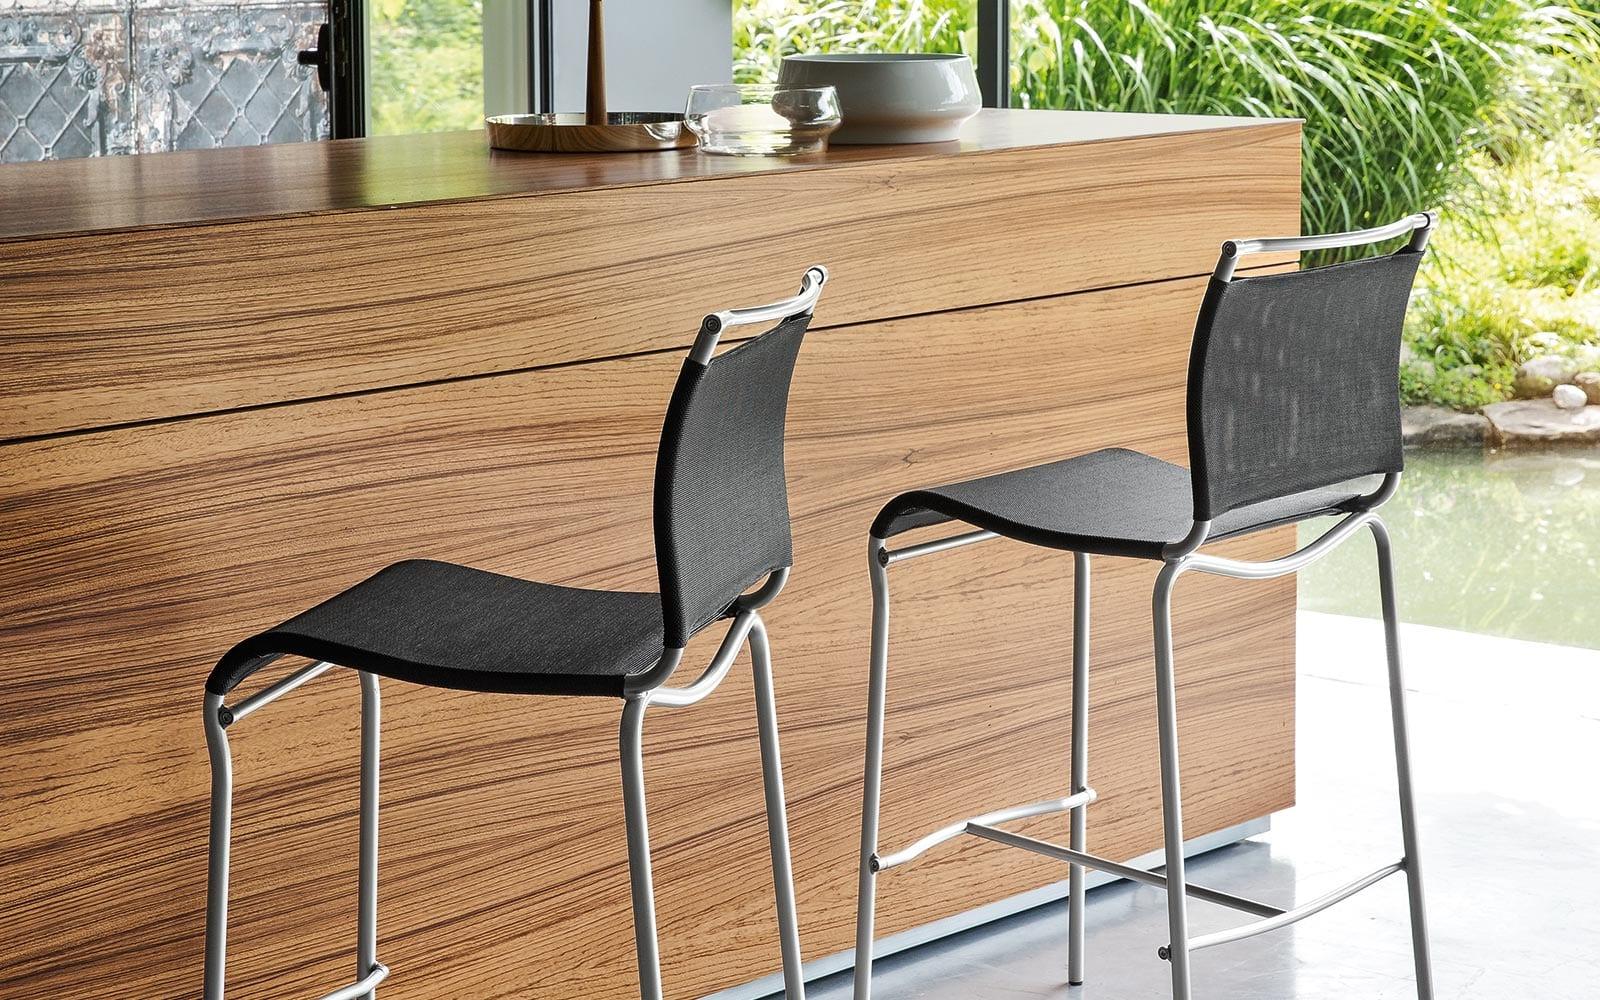 Calligaris tavoli e sedie for Tavoli e sedie calligaris